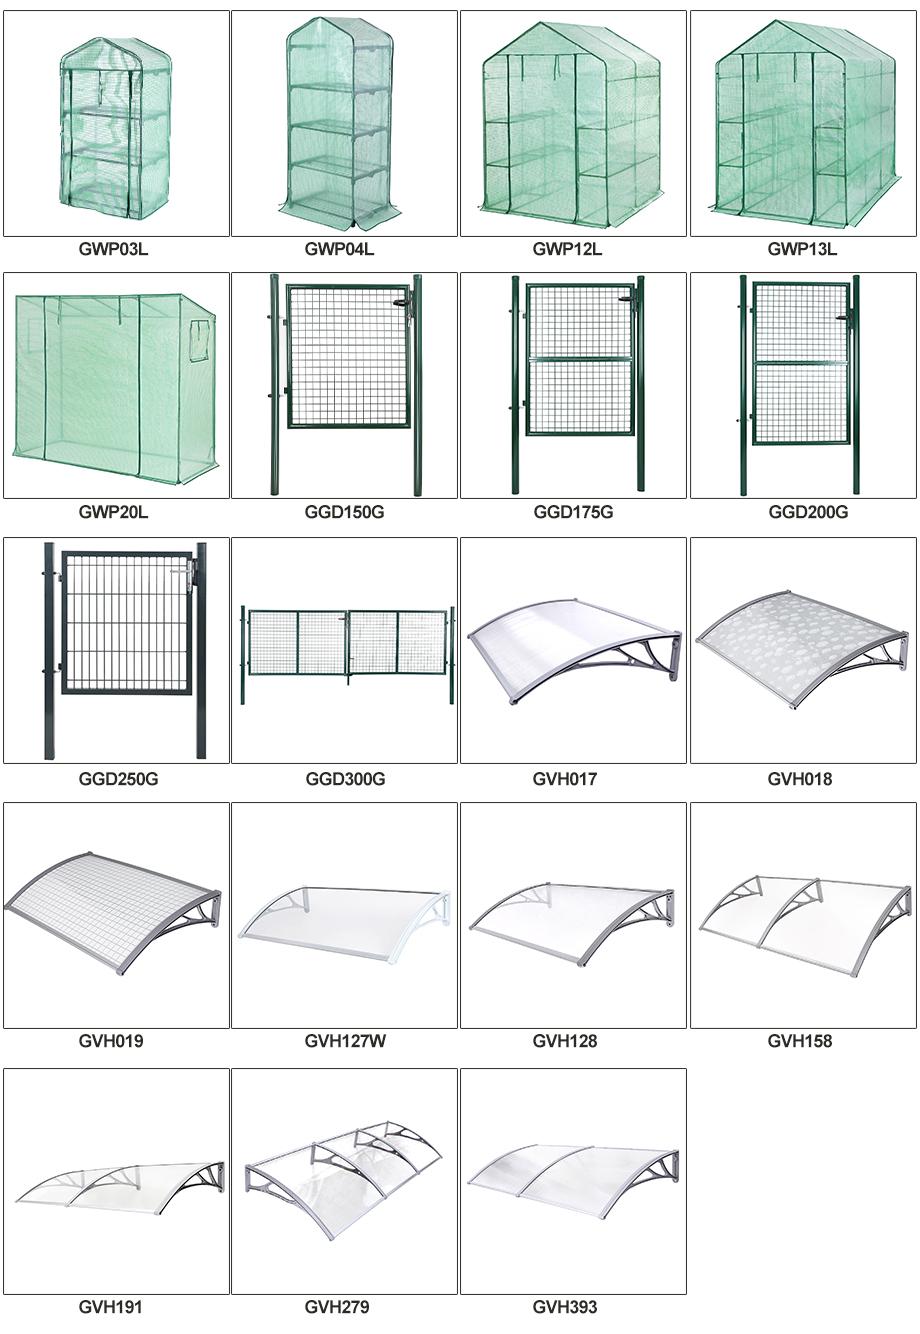 mit 8 regal uv best ndig garten folien gew chshaus treibhaus fr hbeet gwp43t. Black Bedroom Furniture Sets. Home Design Ideas